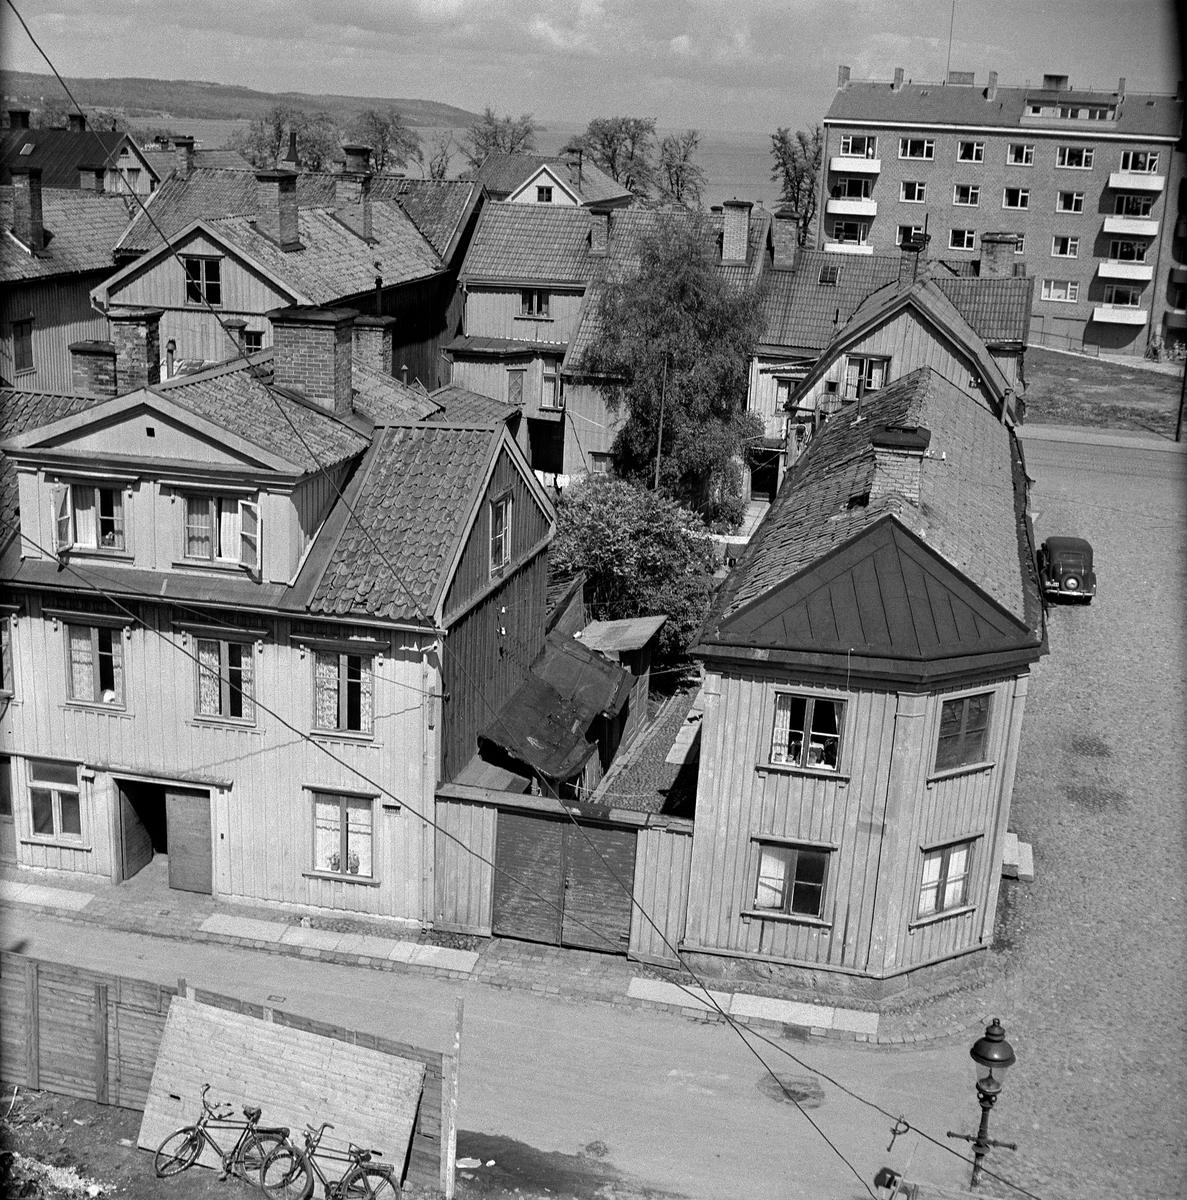 Bebyggelse i Jönköping. I förgrunden trähus vid Kanalgatan nr 57 och 59 och i bakgrunden ett nyare tegelhus vid Norra Strandgatan 76.